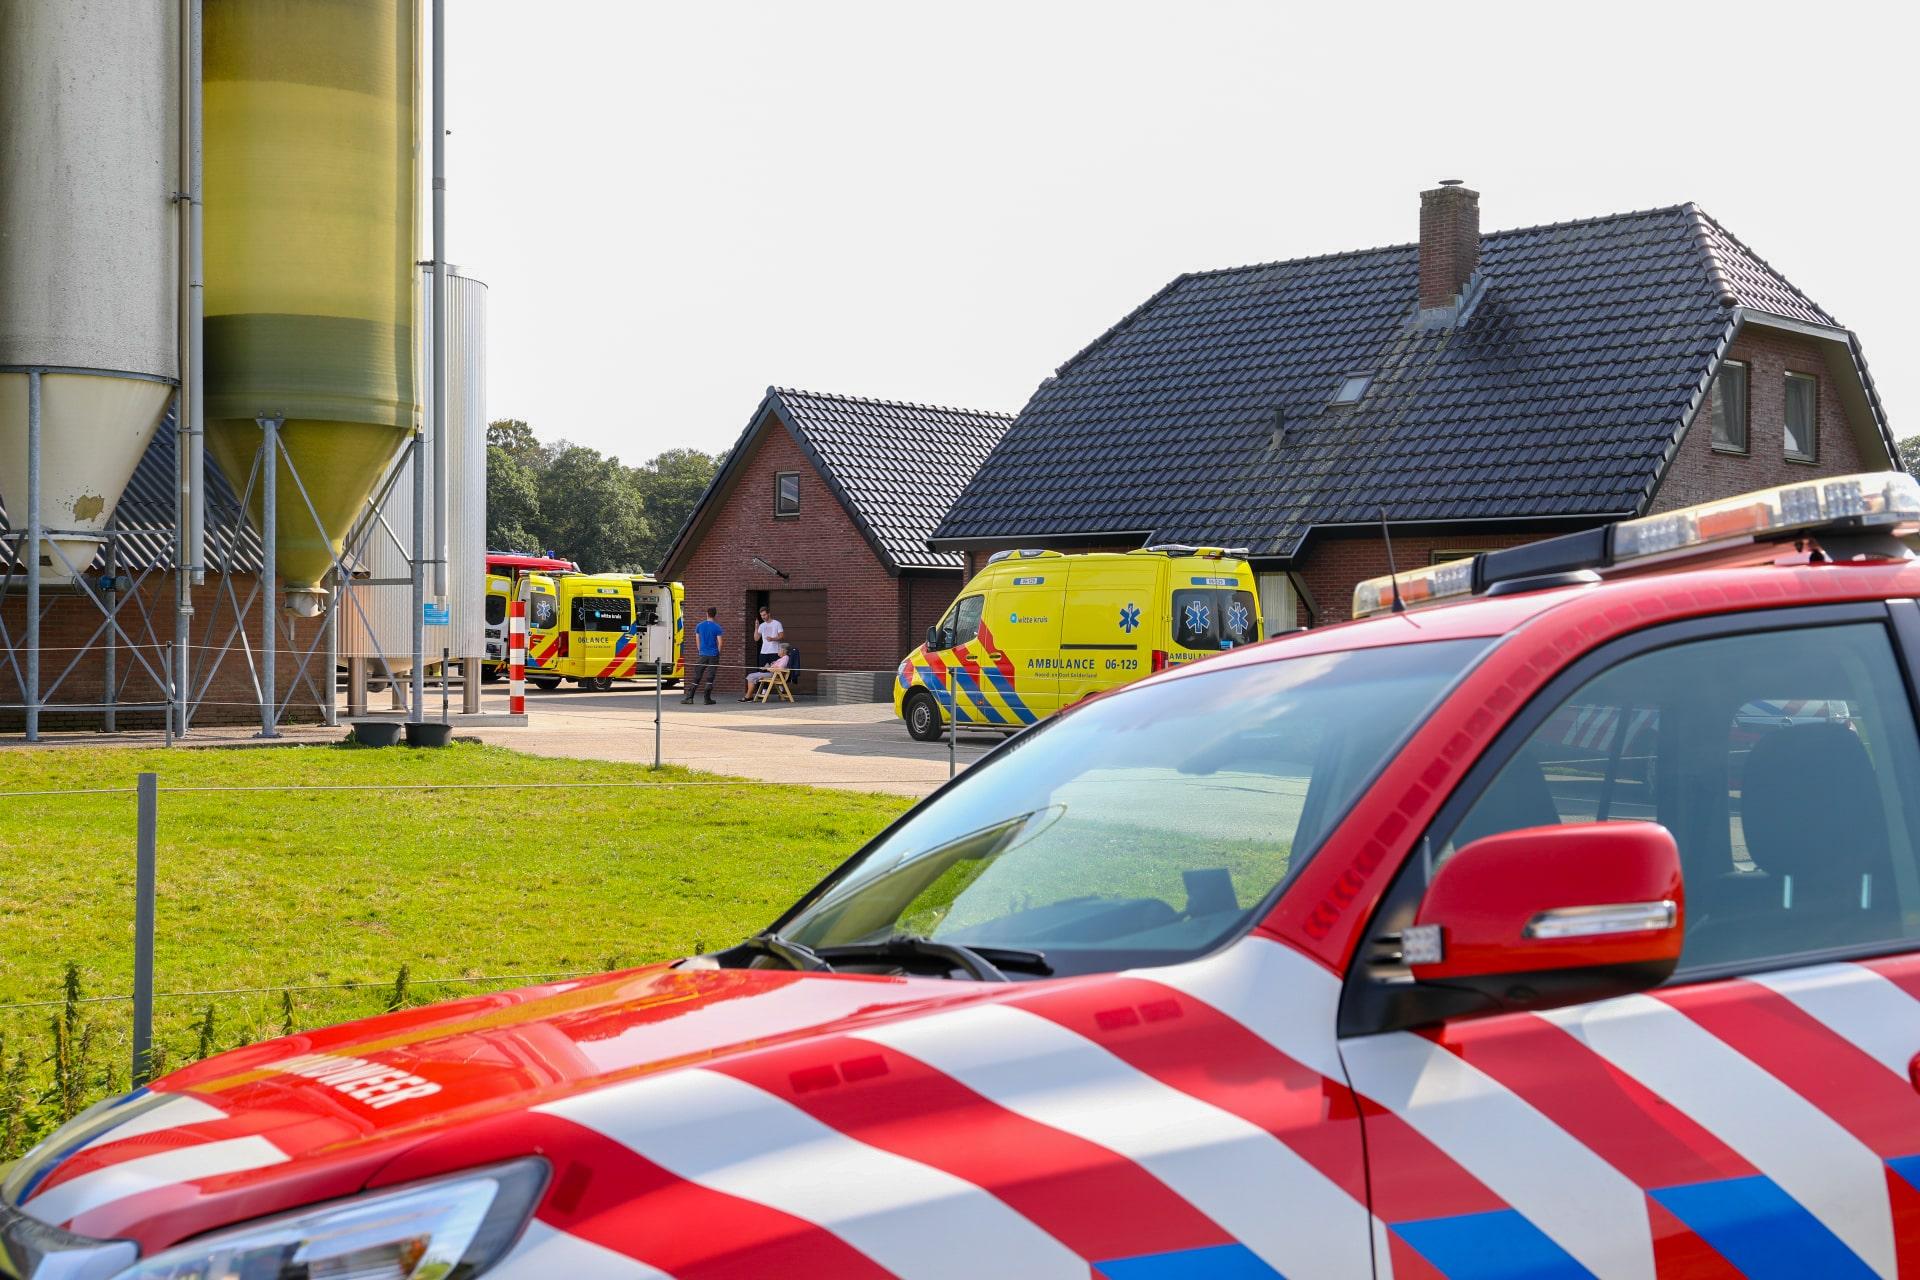 Gewonden bij ongeval met auto op boerenerf in Uddel.